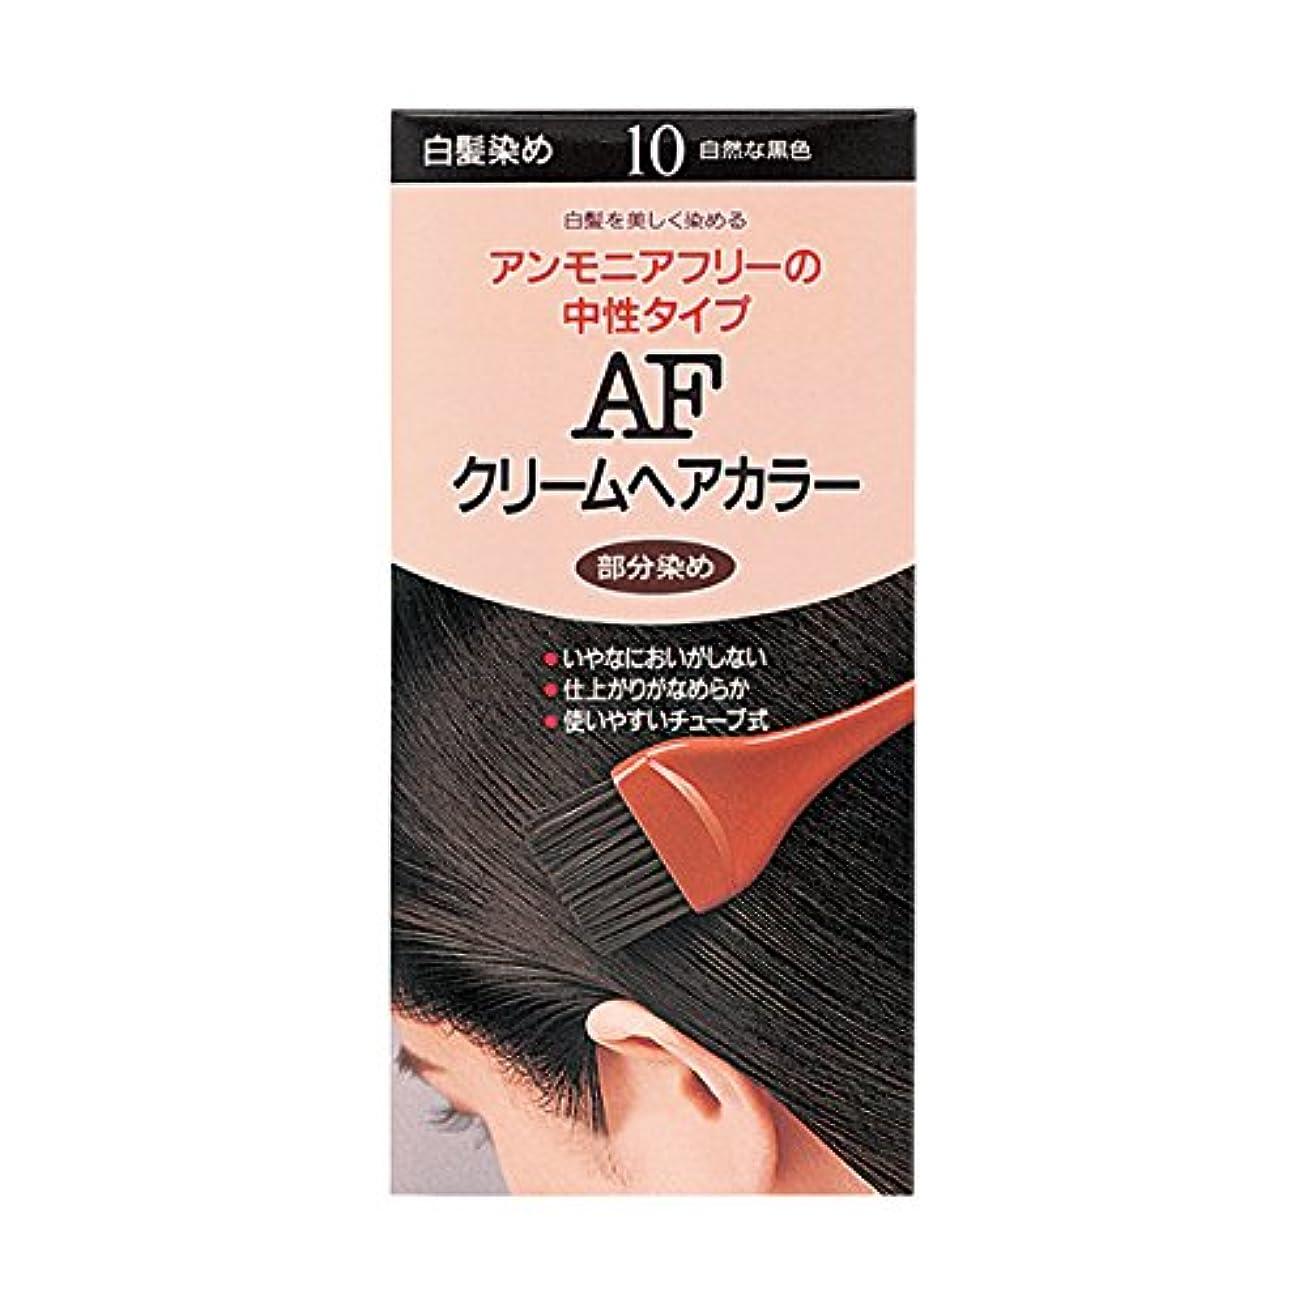 行く発明代数的ヘアカラー AFクリームヘアカラー 10 【医薬部外品】